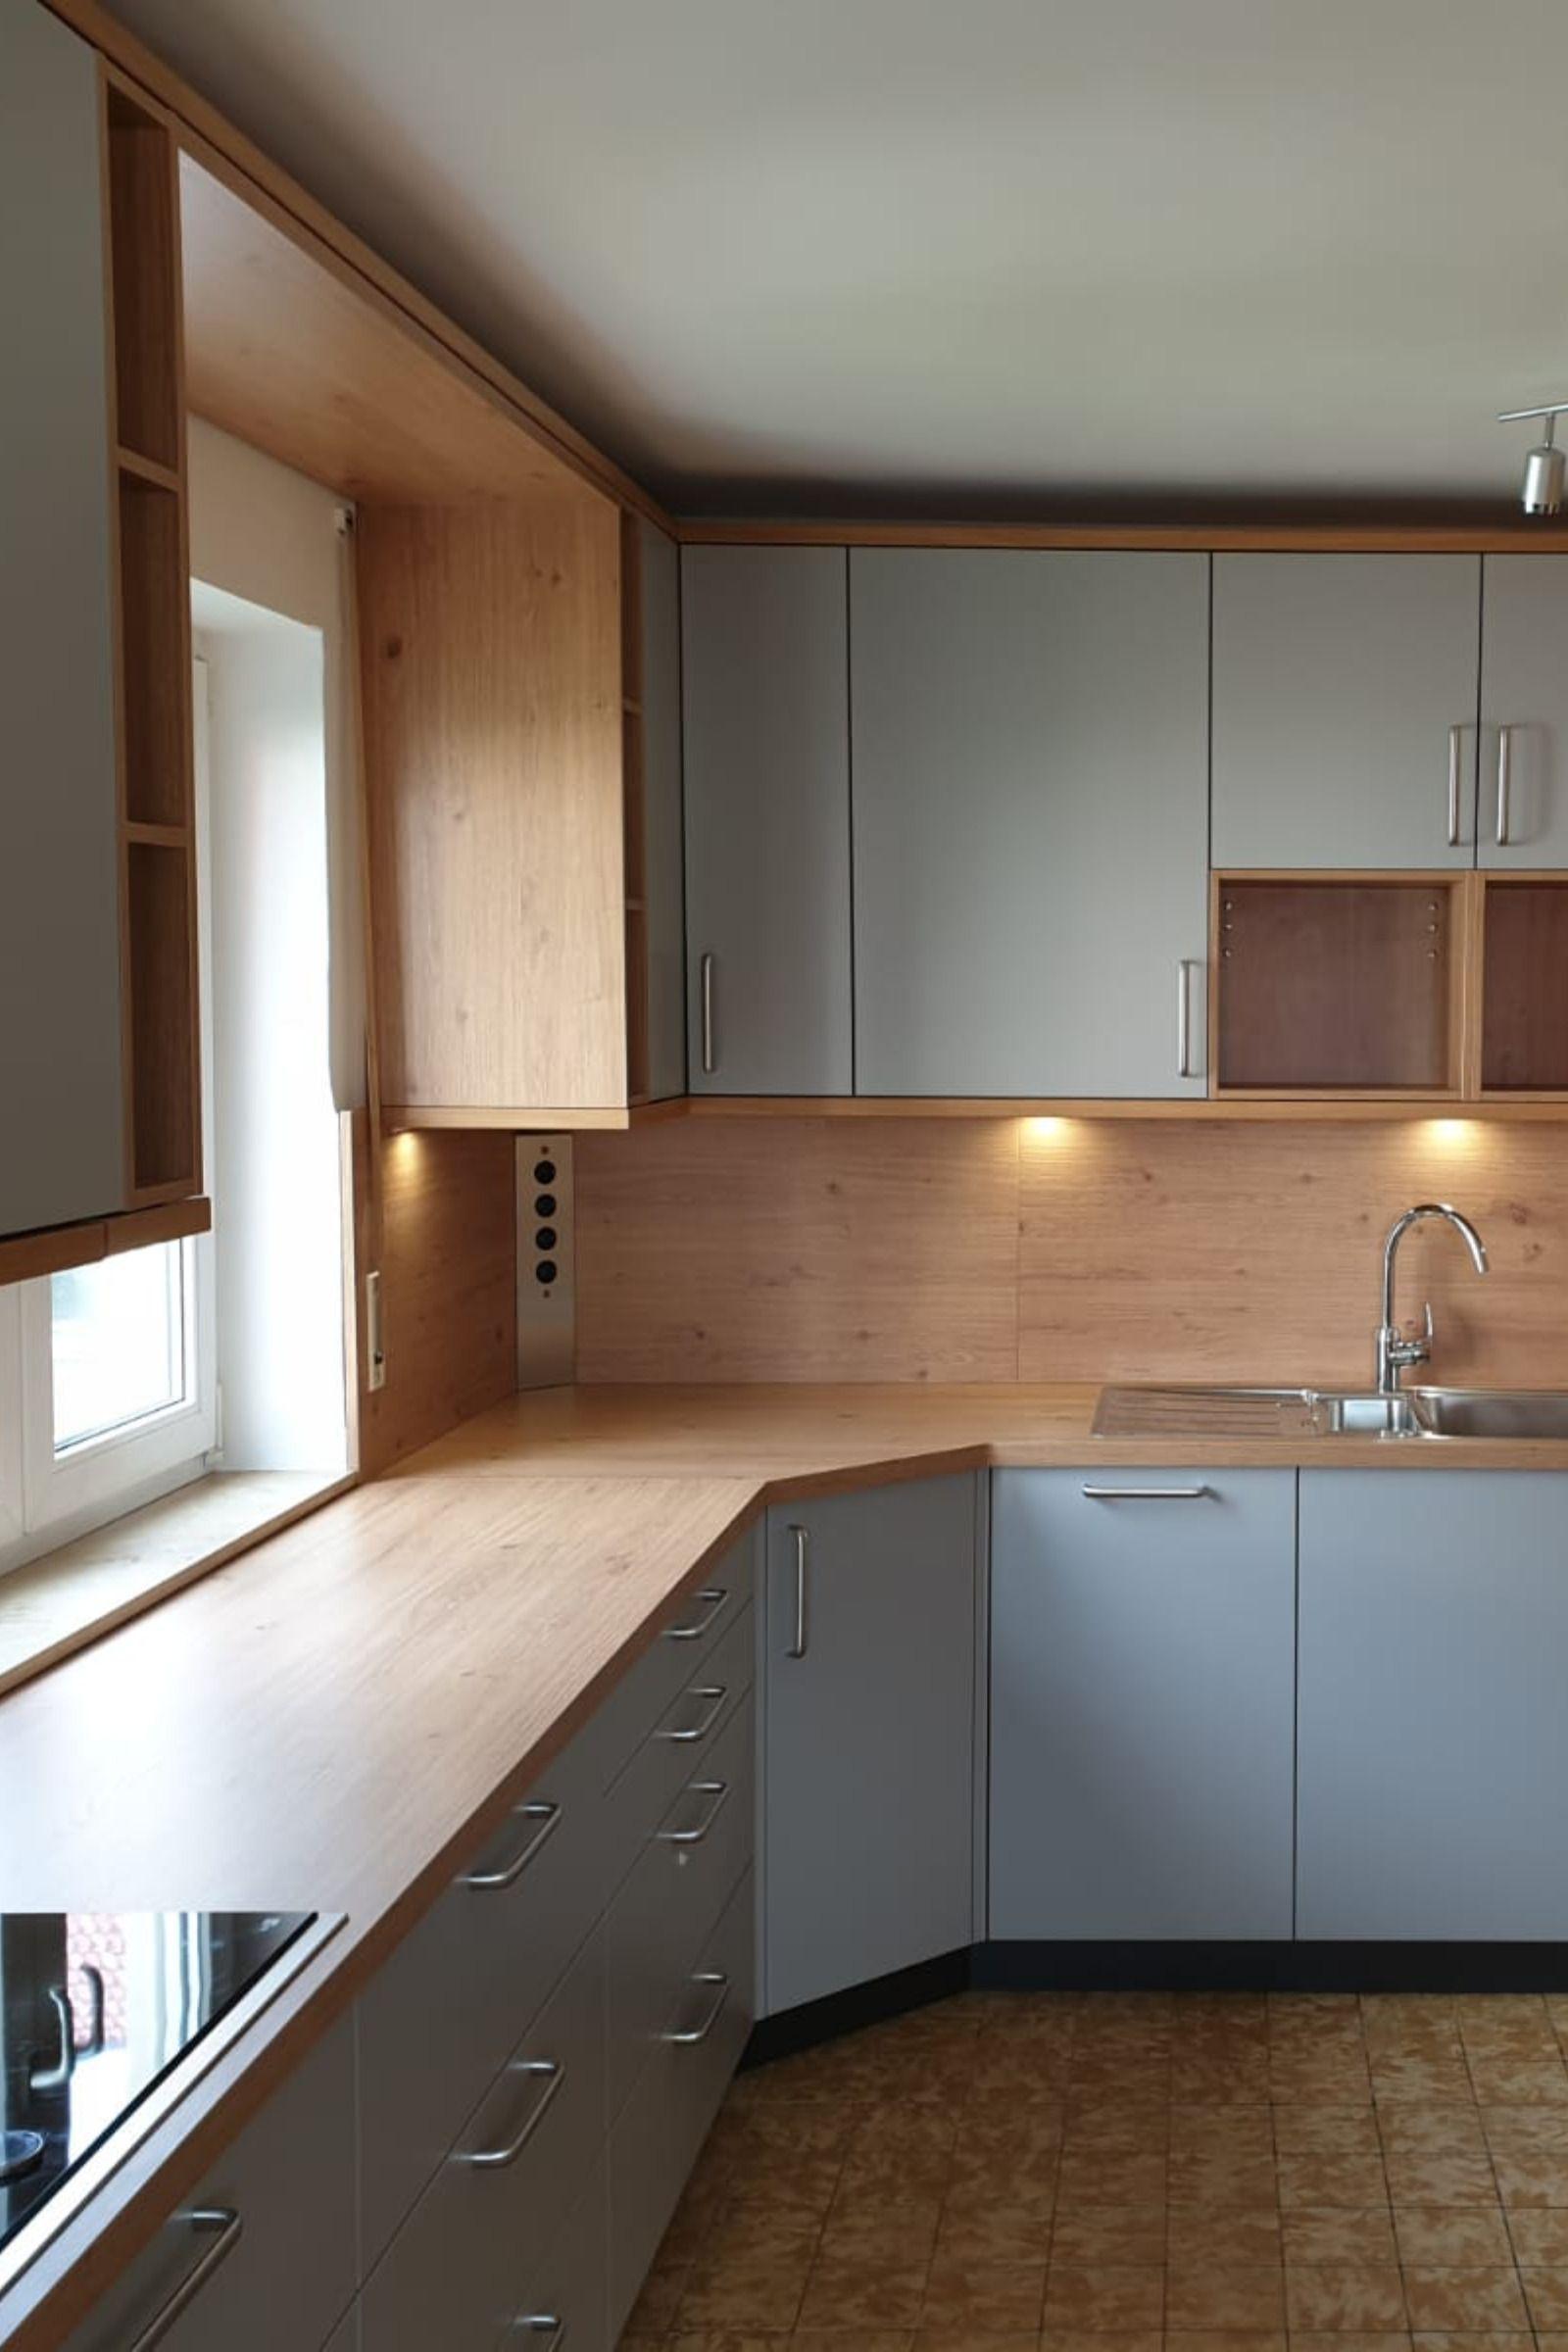 Full Size of Küchenideen Ihr Kchenspezialist In Weienhorn Wirth Homecompany Wohnzimmer Küchenideen